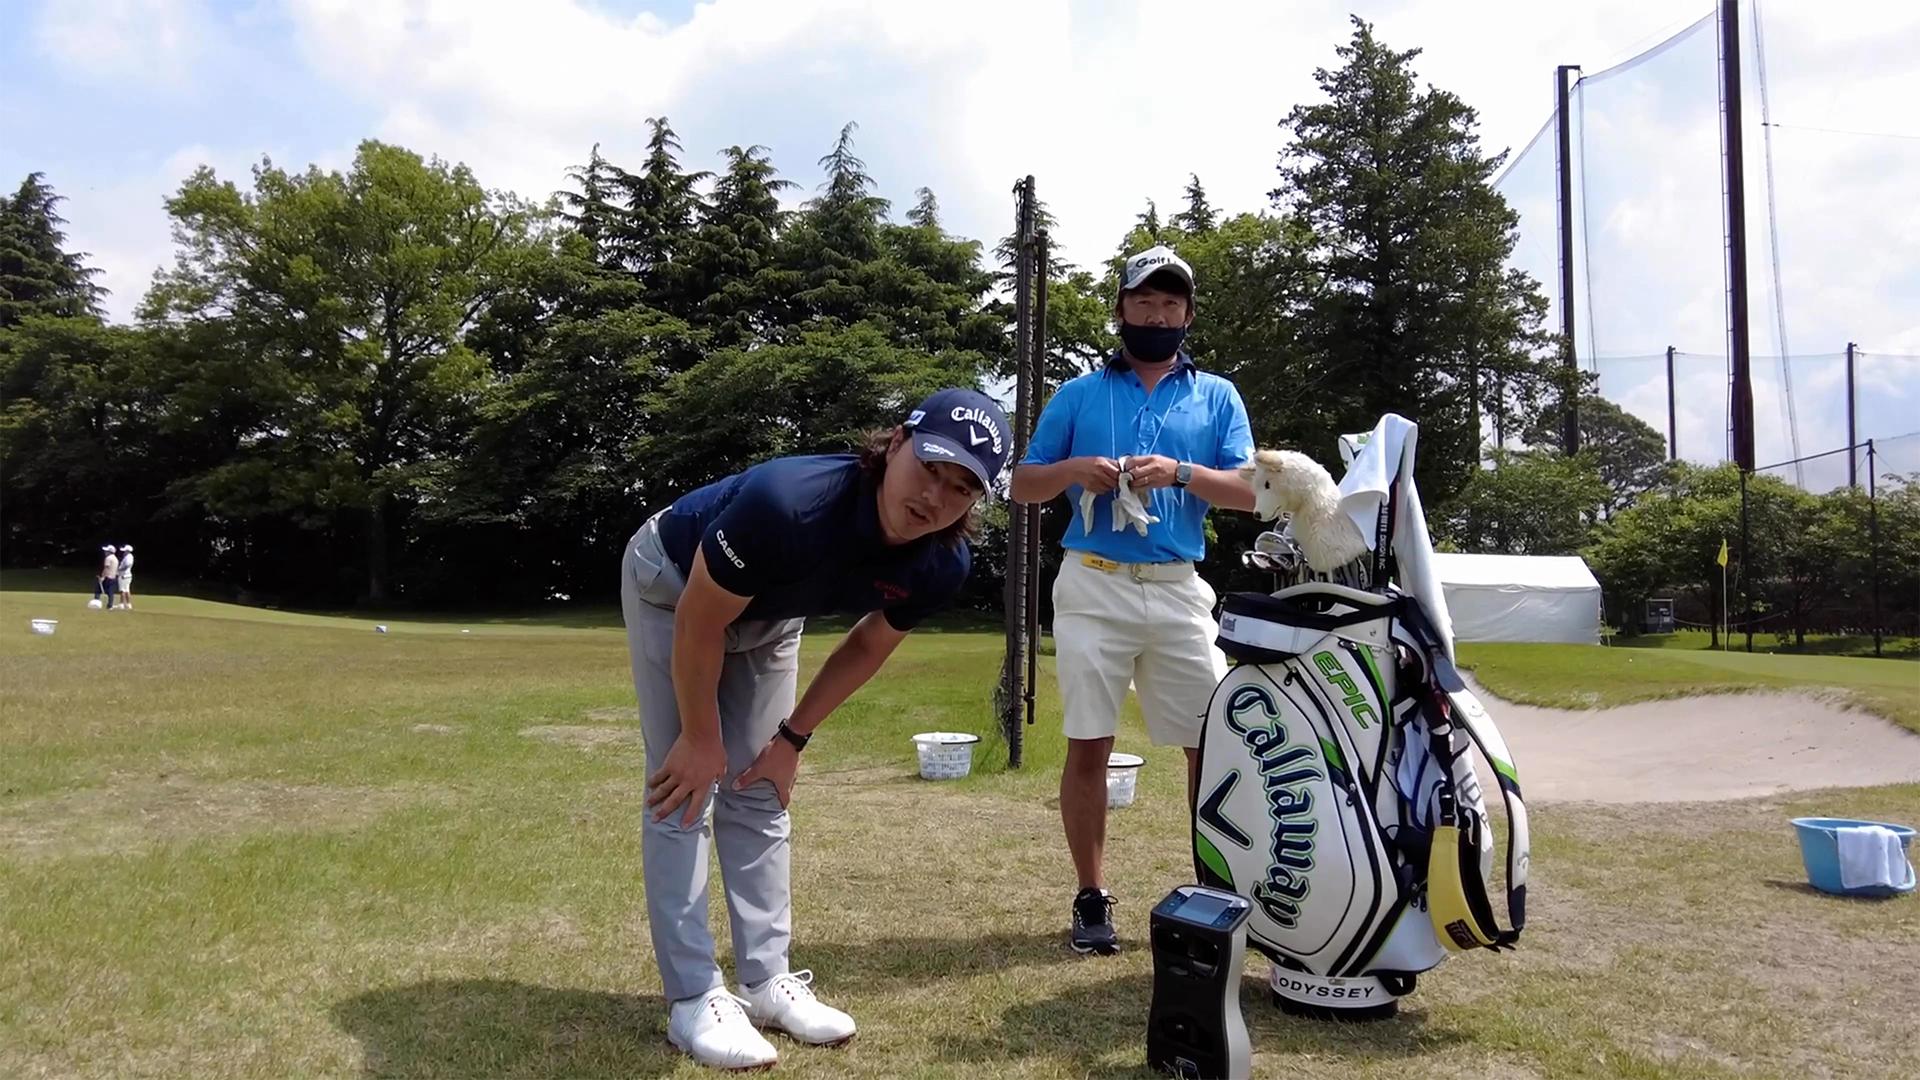 【男子ゴルフ】アジアパシフィックダイヤモンドカップゴルフ 3rd Round JGTOオリジナル映像!